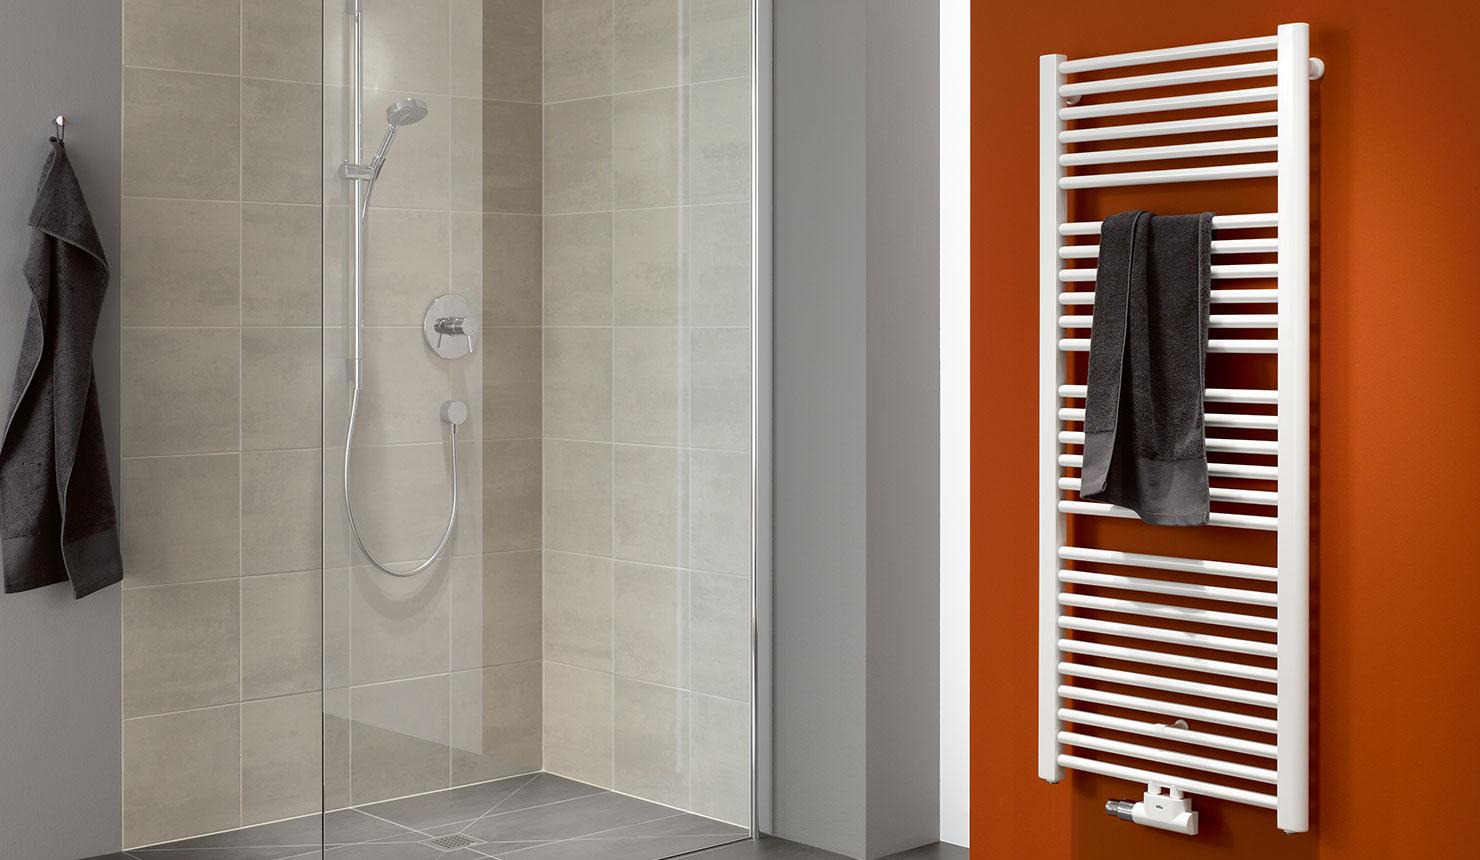 Full Size of Kermi Heizkörper Basic 50 Design Und Badheizkrper Badezimmer Bad Für Wohnzimmer Elektroheizkörper Wohnzimmer Kermi Heizkörper